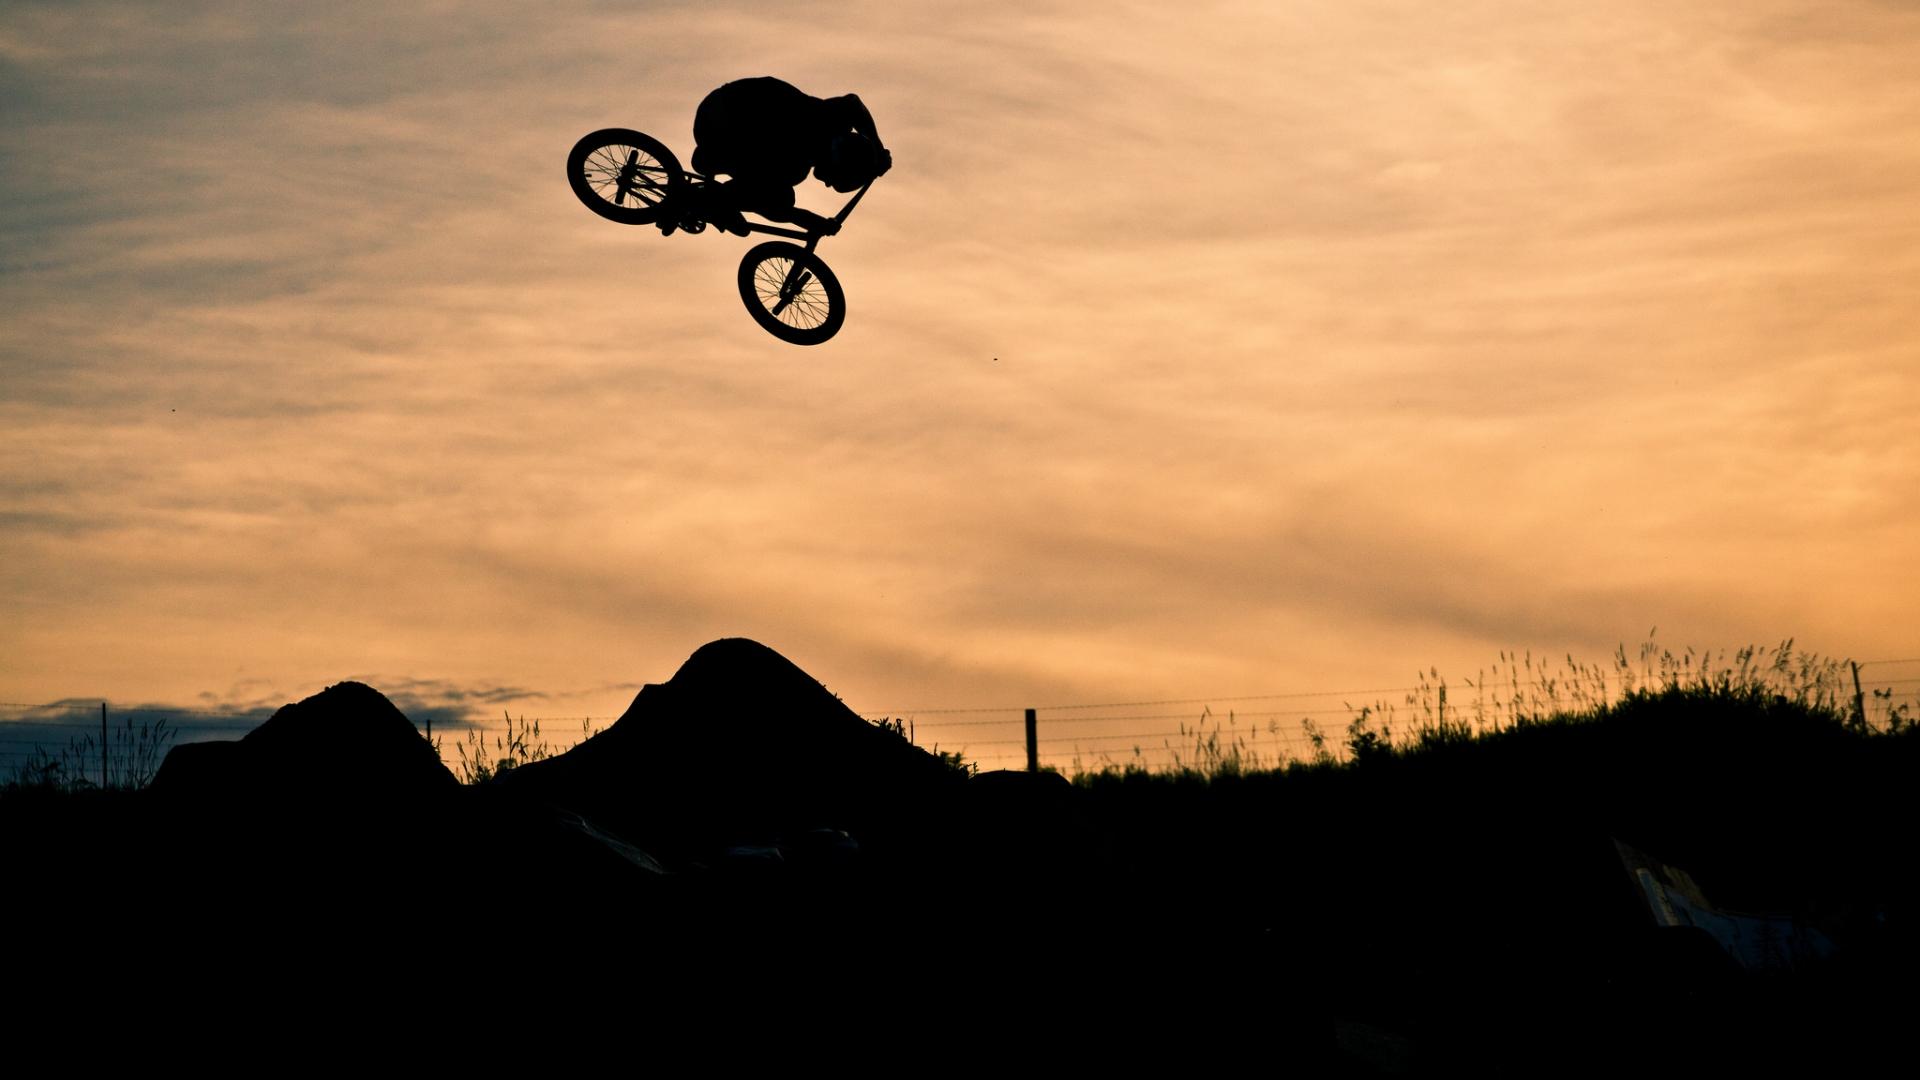 Saltos en BMX - 1920x1080